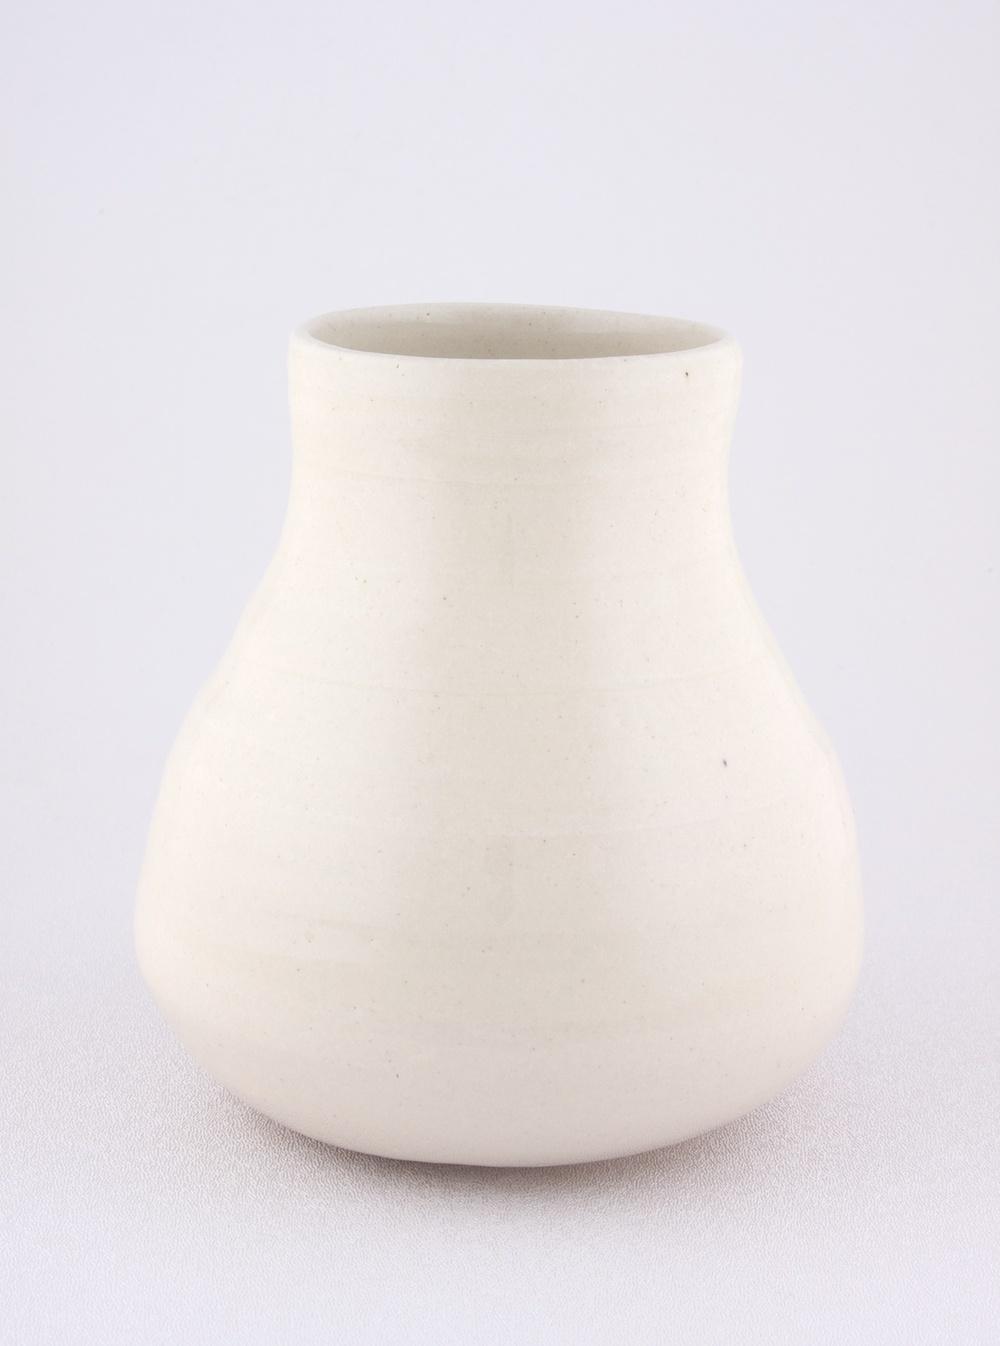 """Shio Kusaka Untitled (clear 1) 2009 Stoneware 6"""" x 5 3/4"""" SK058"""